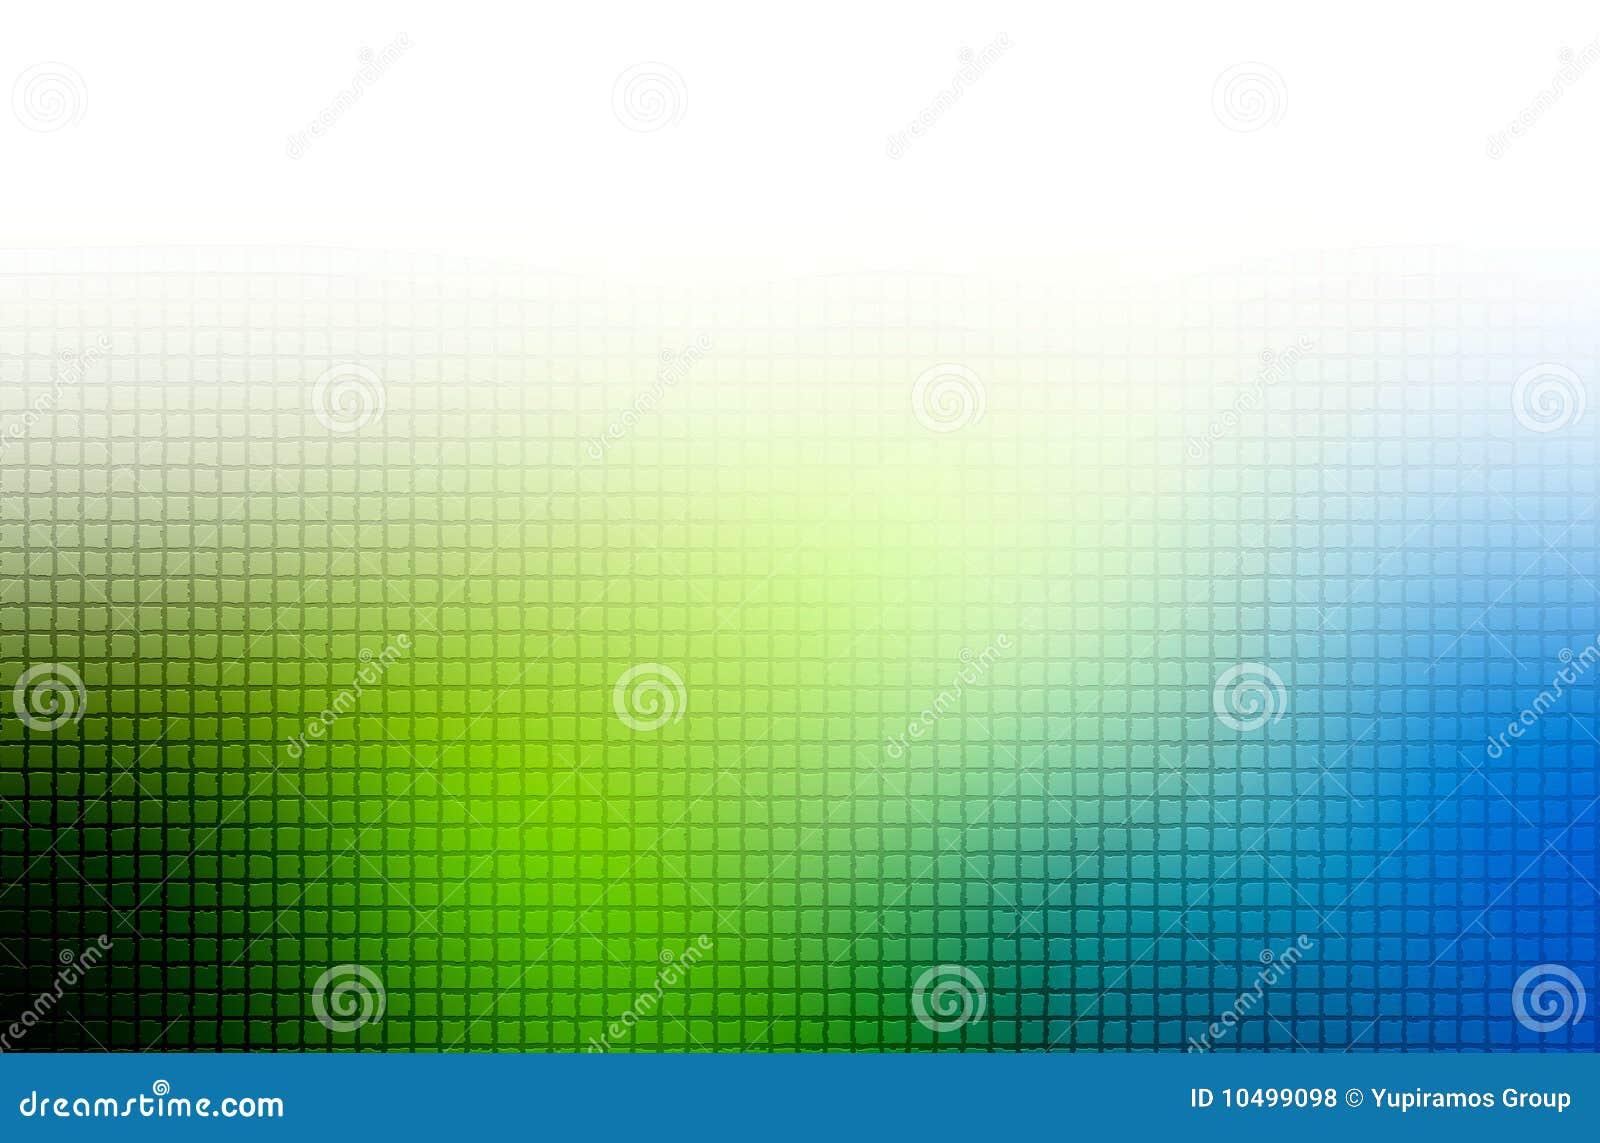 Fondo Blanco Con Verde: Fondo Verde Y Azul Stock De Ilustración. Ilustración De